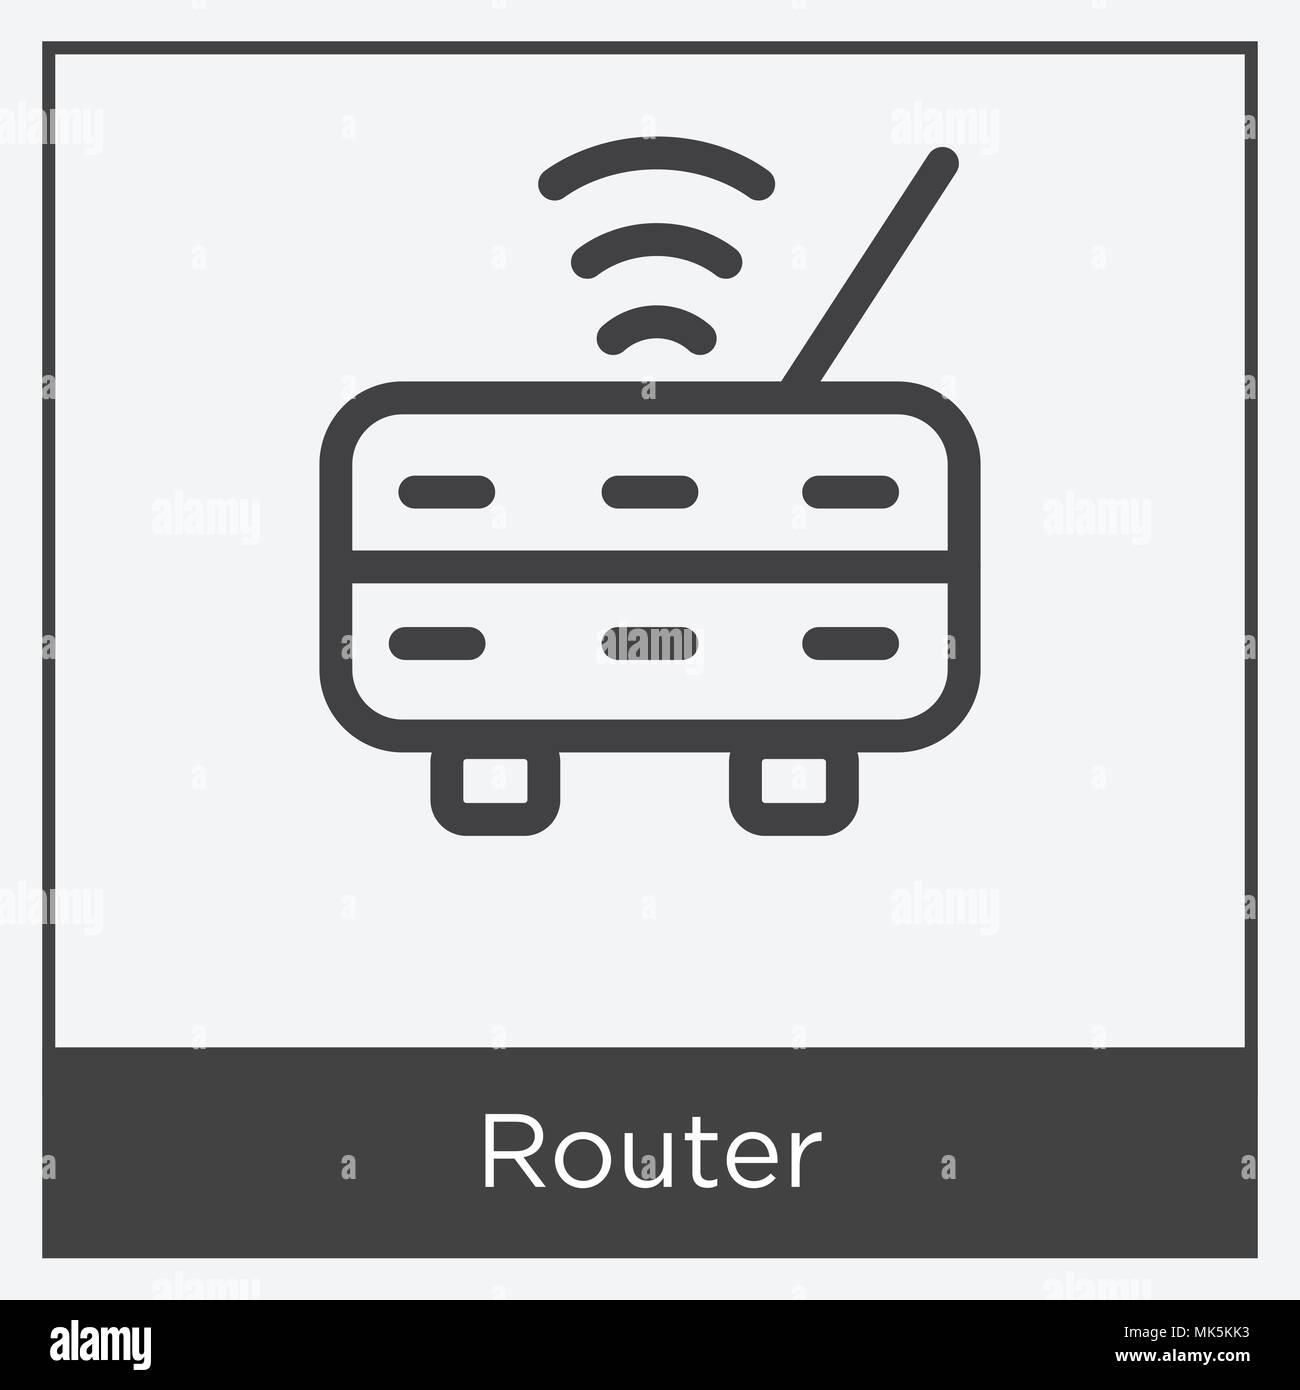 Router Emblem Imágenes De Stock & Router Emblem Fotos De Stock - Alamy